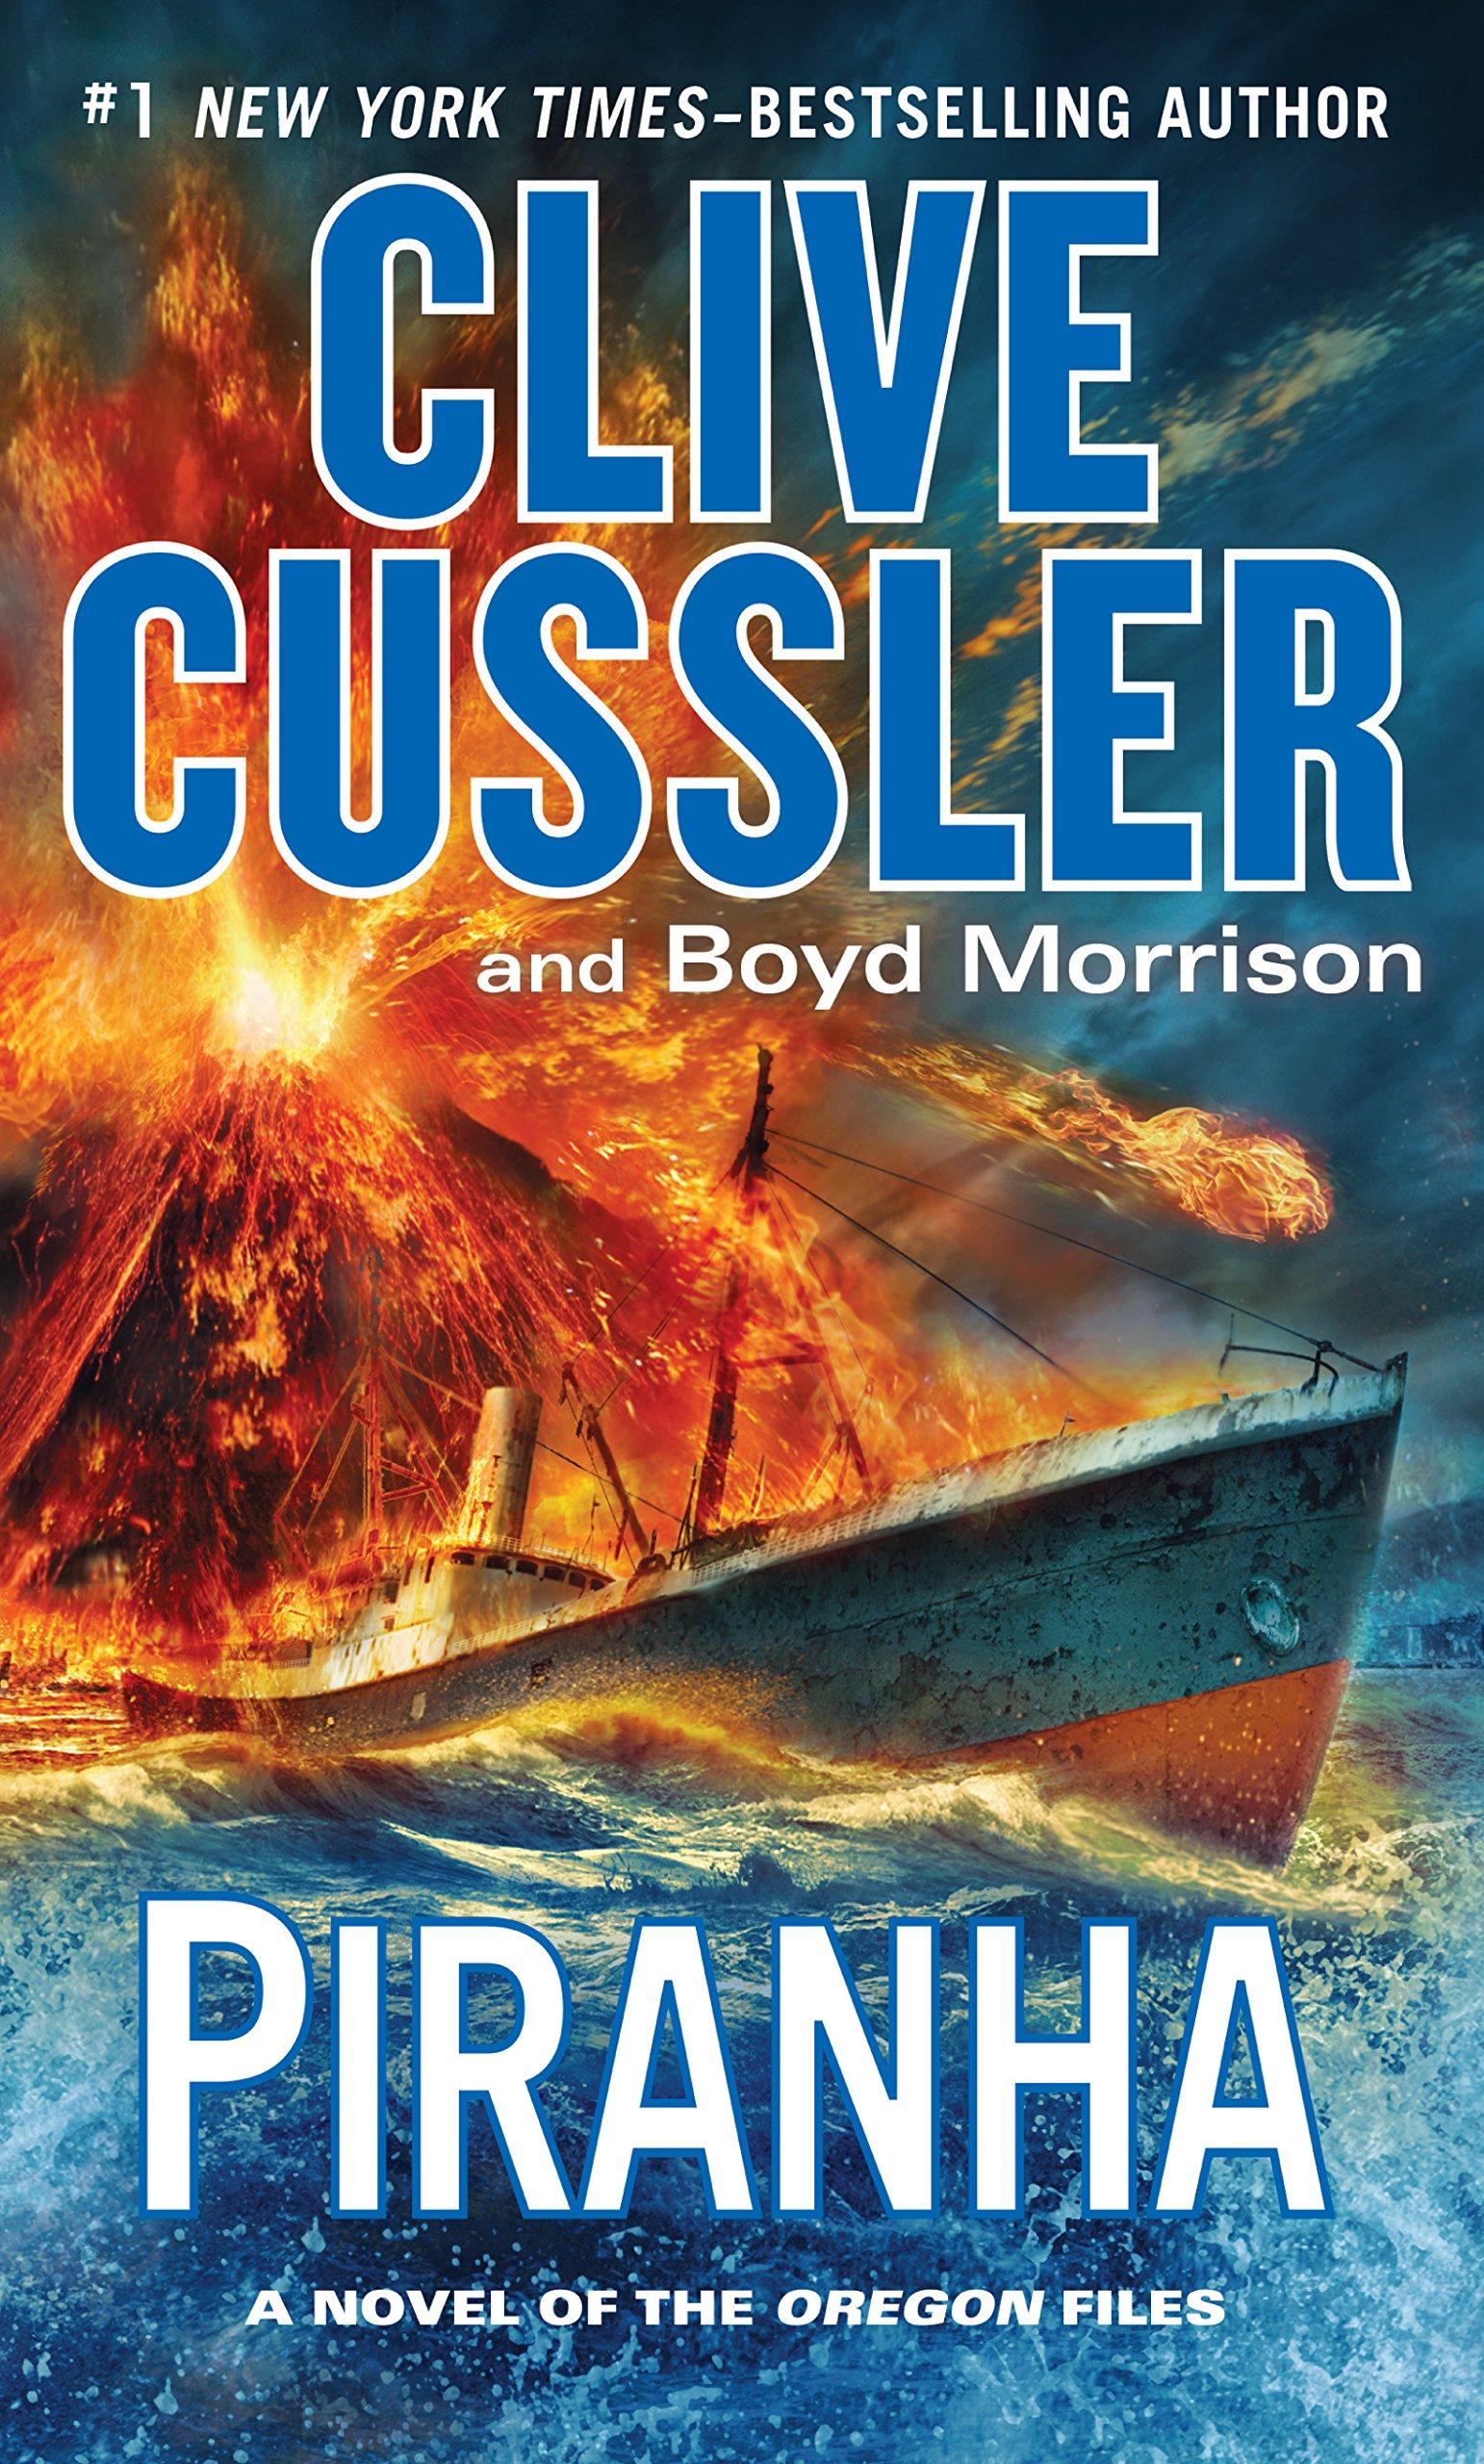 Piranha (A Novel of the Oregon Files) pdf